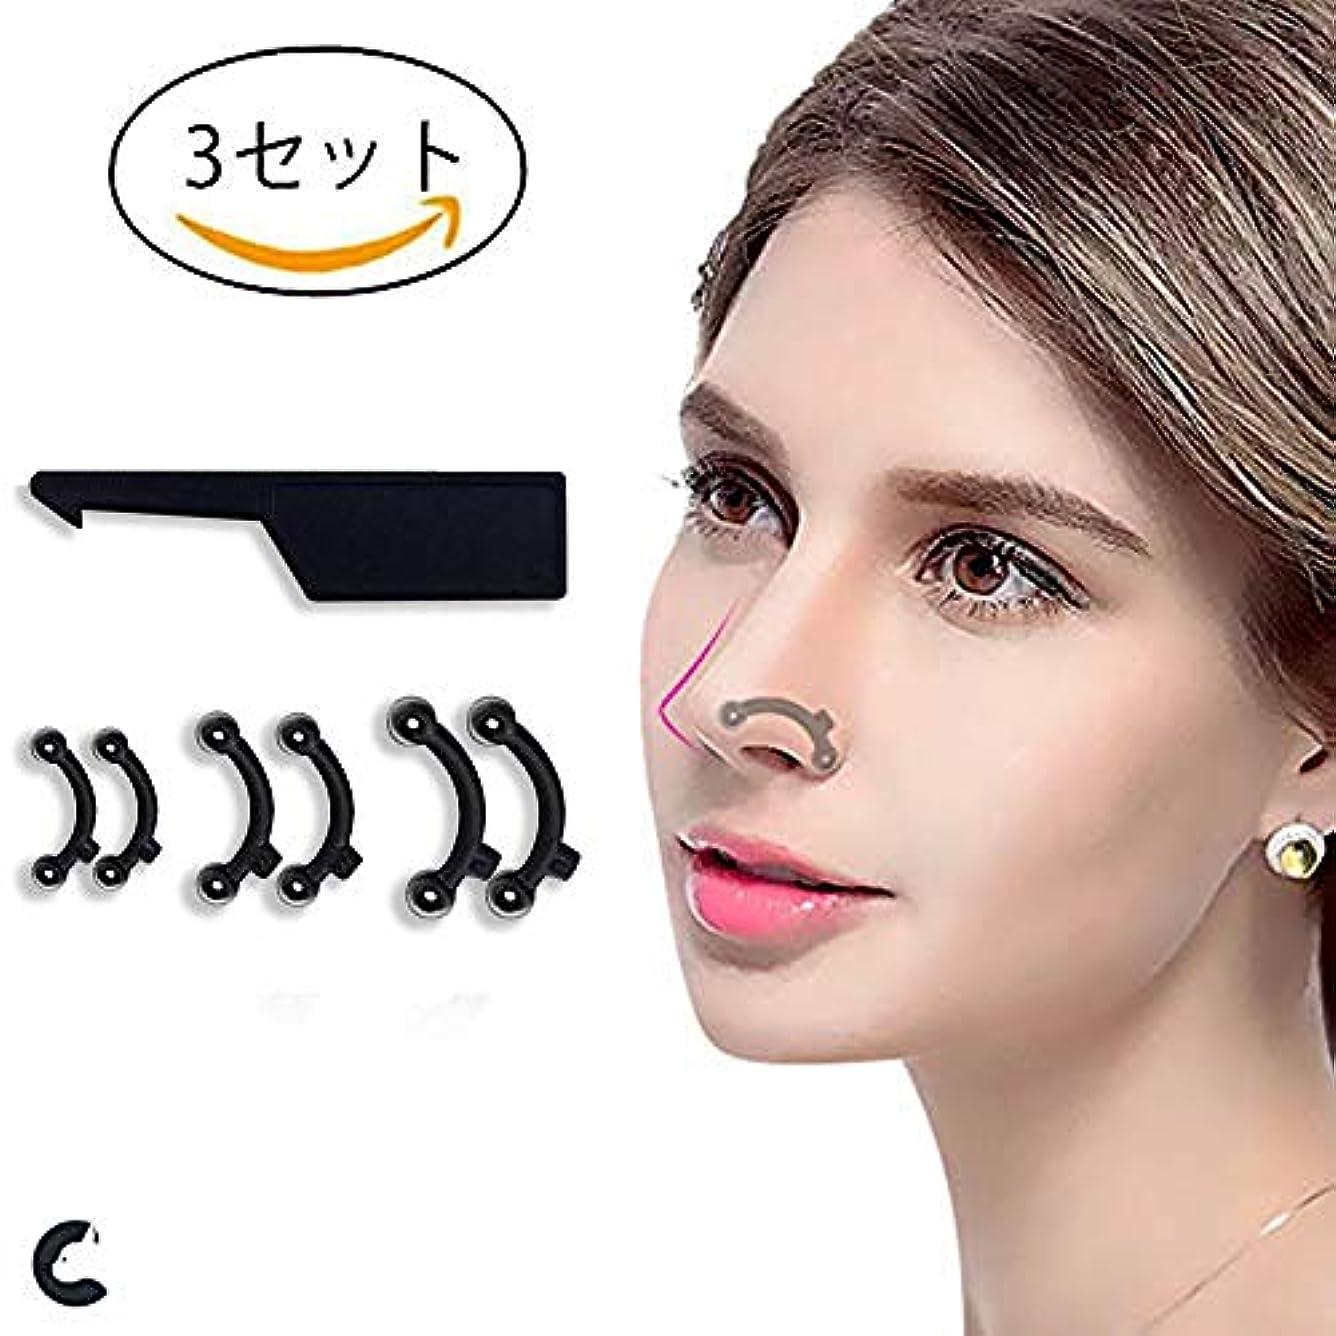 拡張ファームお手入れROOFTOPS 3サイズセット 鼻クリップ ノーズクリップ 鼻プチ 柔軟性高く ハナのアイプチ ビューティー正規品 矯正プチ 整形せず 鼻筋矯正 23mm/24.5mm/26mm全